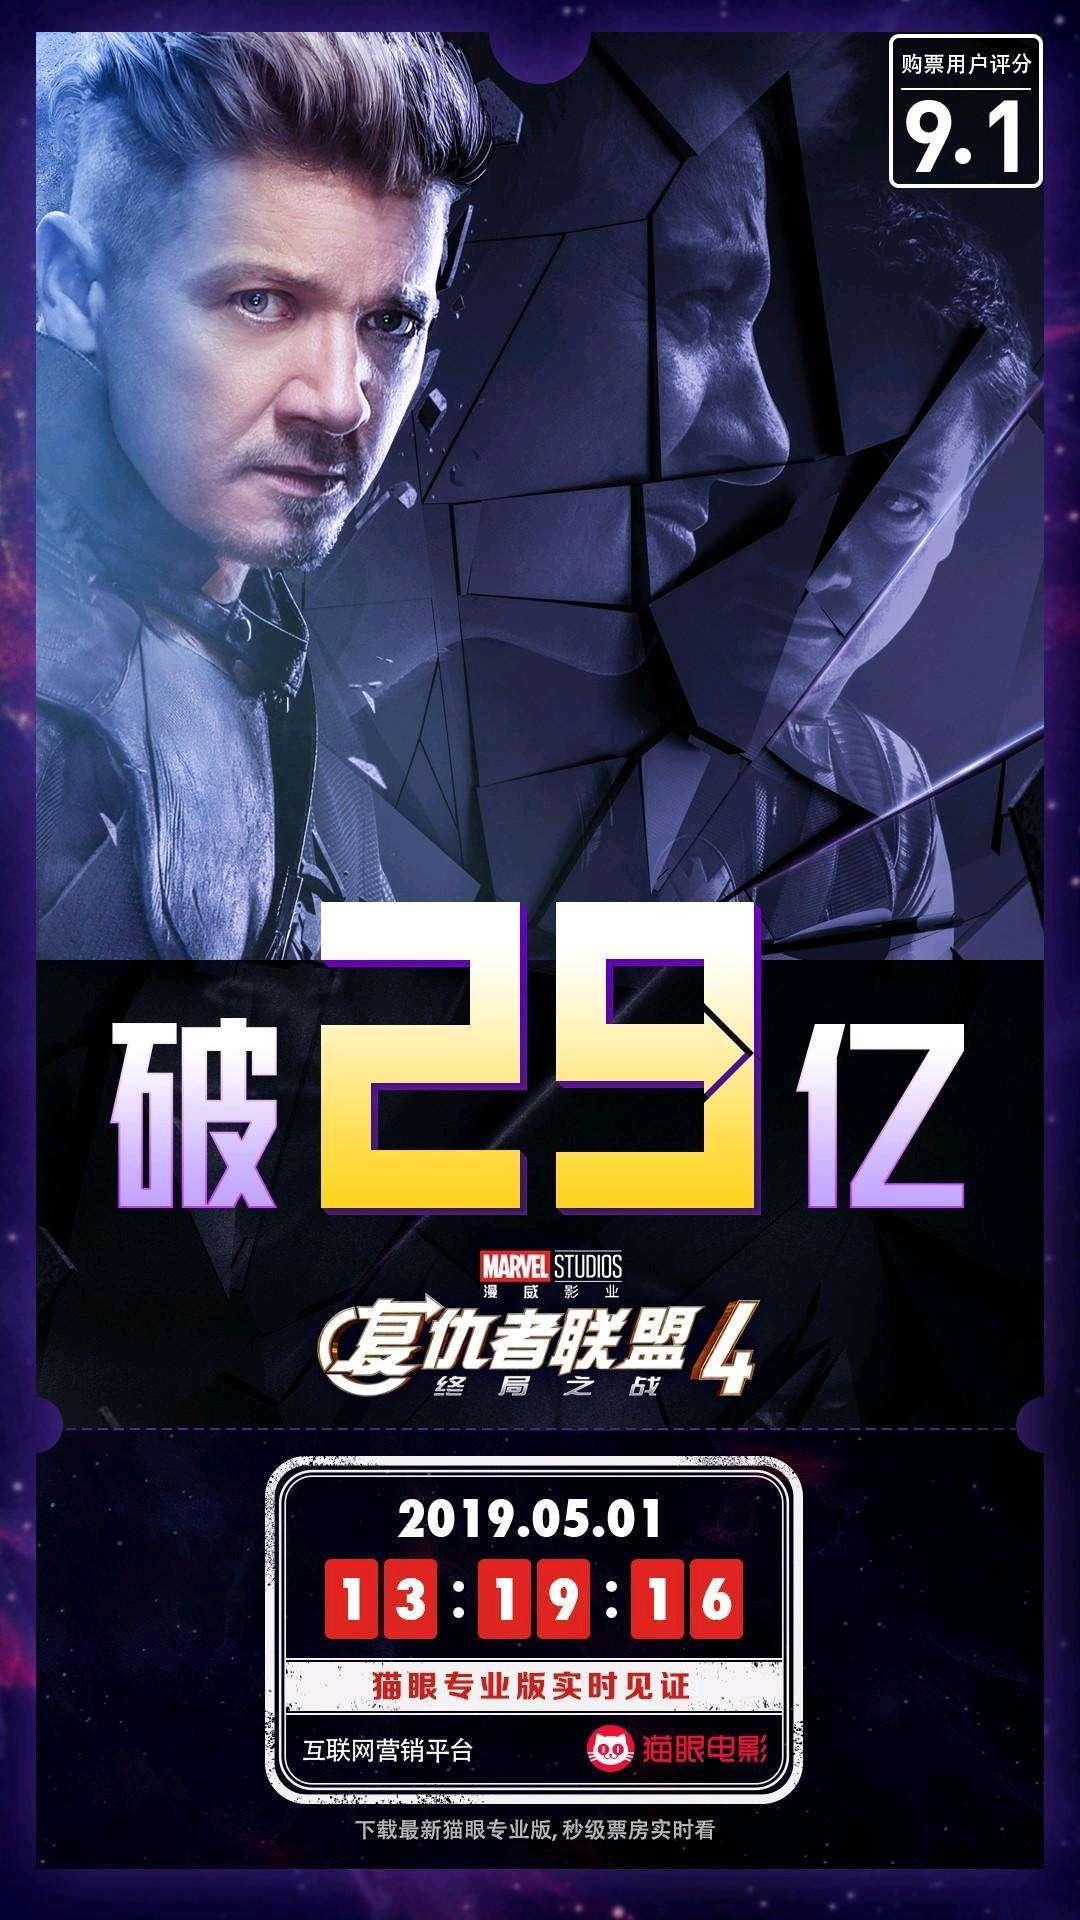 《复联4》票房破29亿,钢铁侠竟是最早剧透的人?